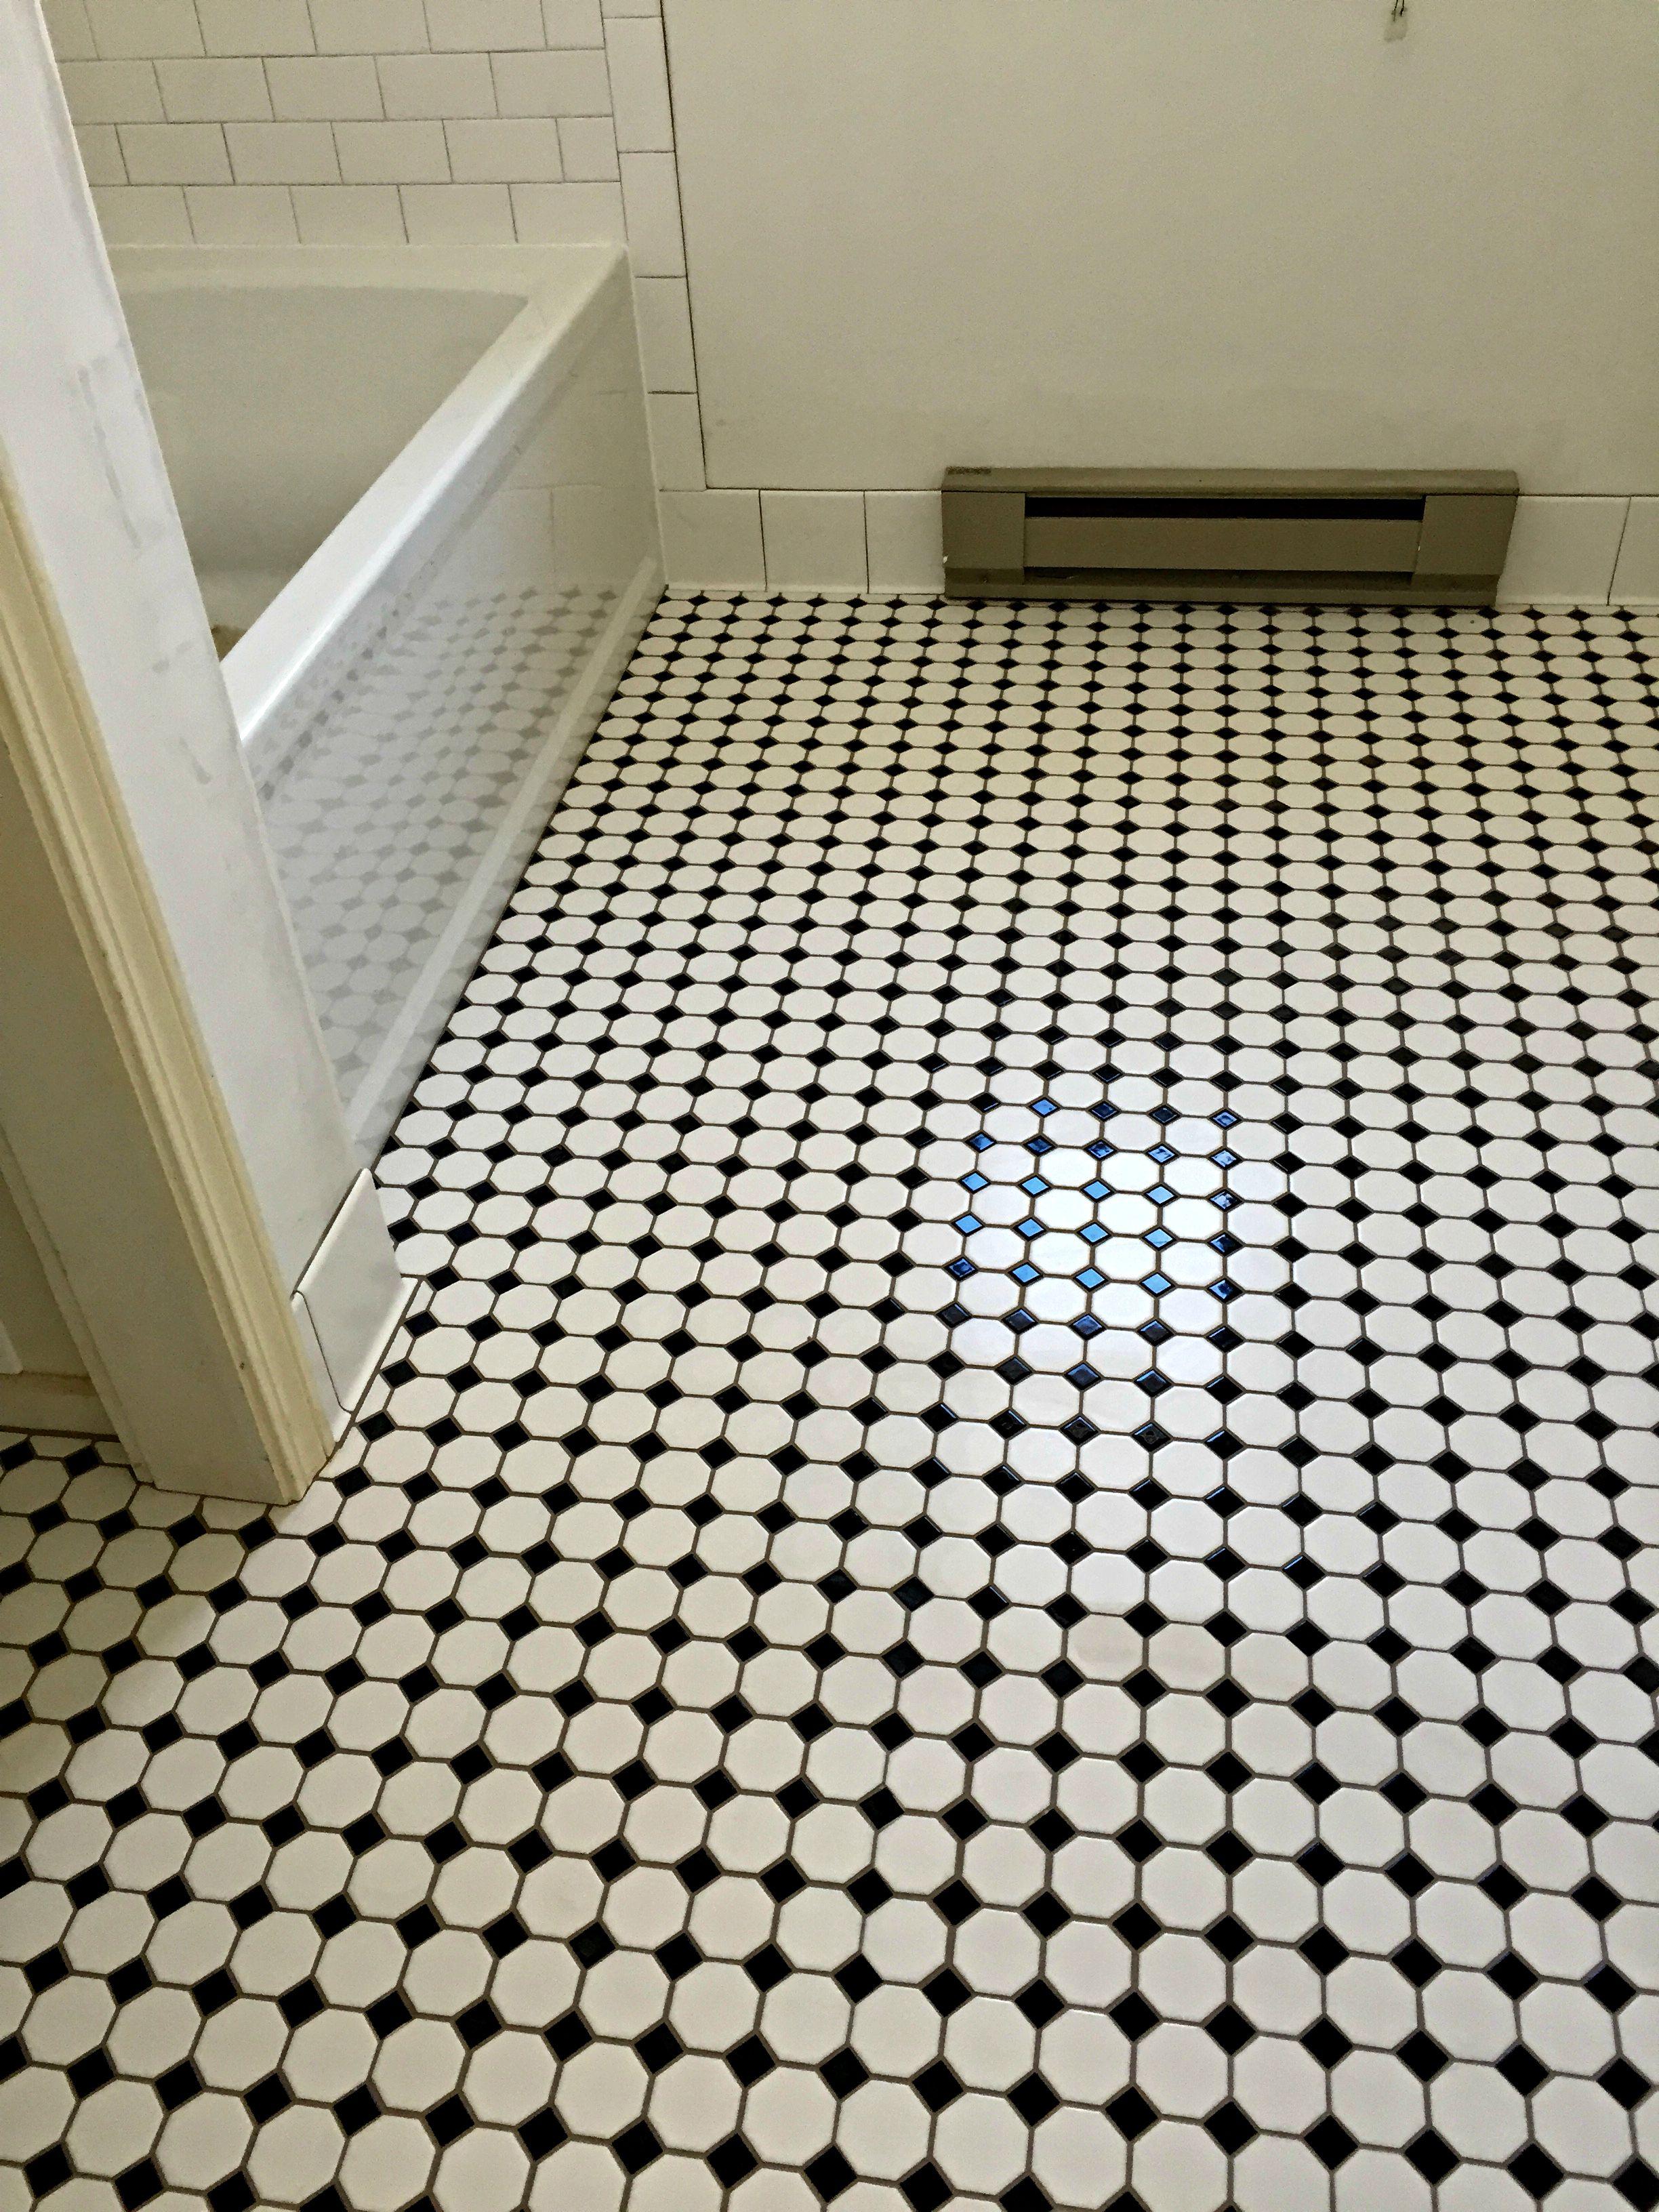 Bathroom Floor Daltile Octagon Dot Mosaic W Black Dot Bath